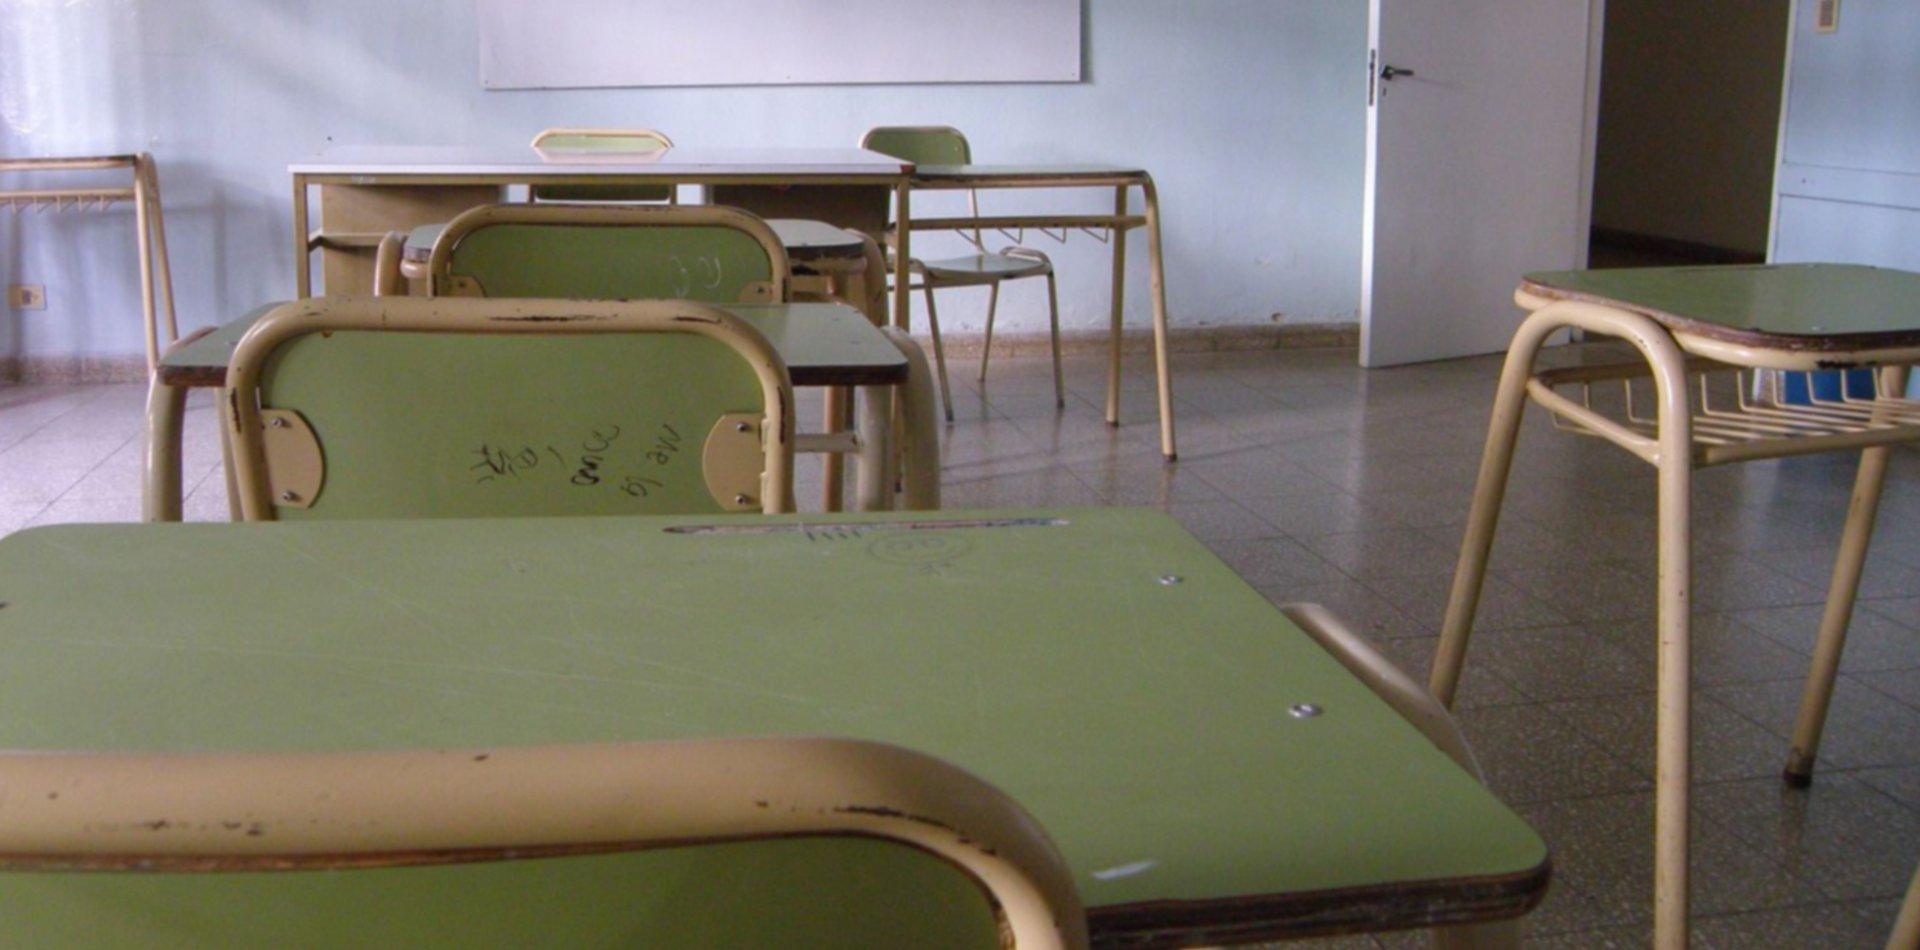 Un gremio docente exige la suspensión de las clases y ya anuncia un paro